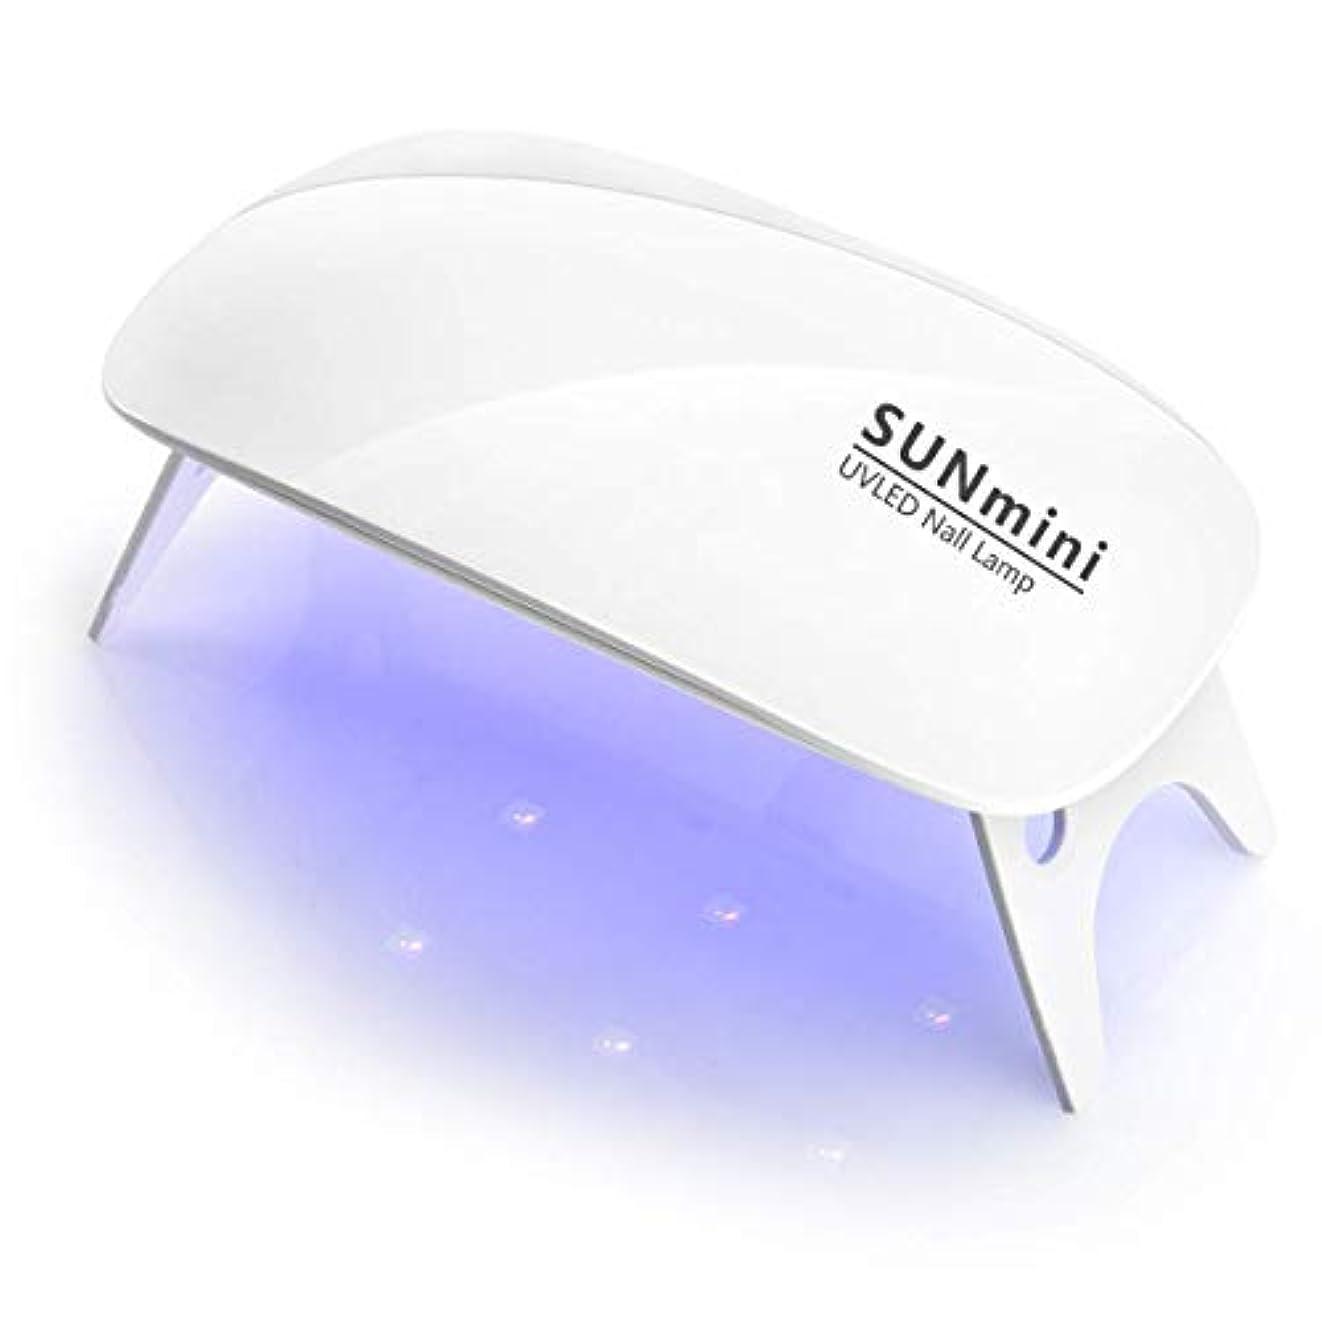 コードセレナエキサイティングLEDネイルドライヤー LEDジェルネイルドライヤー UVライト ジェルネイルライト usbライト 硬化ライト LED タイマー設定可能 折りたたみ式 軽量 持ち運び便利(ホワイト ネイルファイルが付け) FACAI